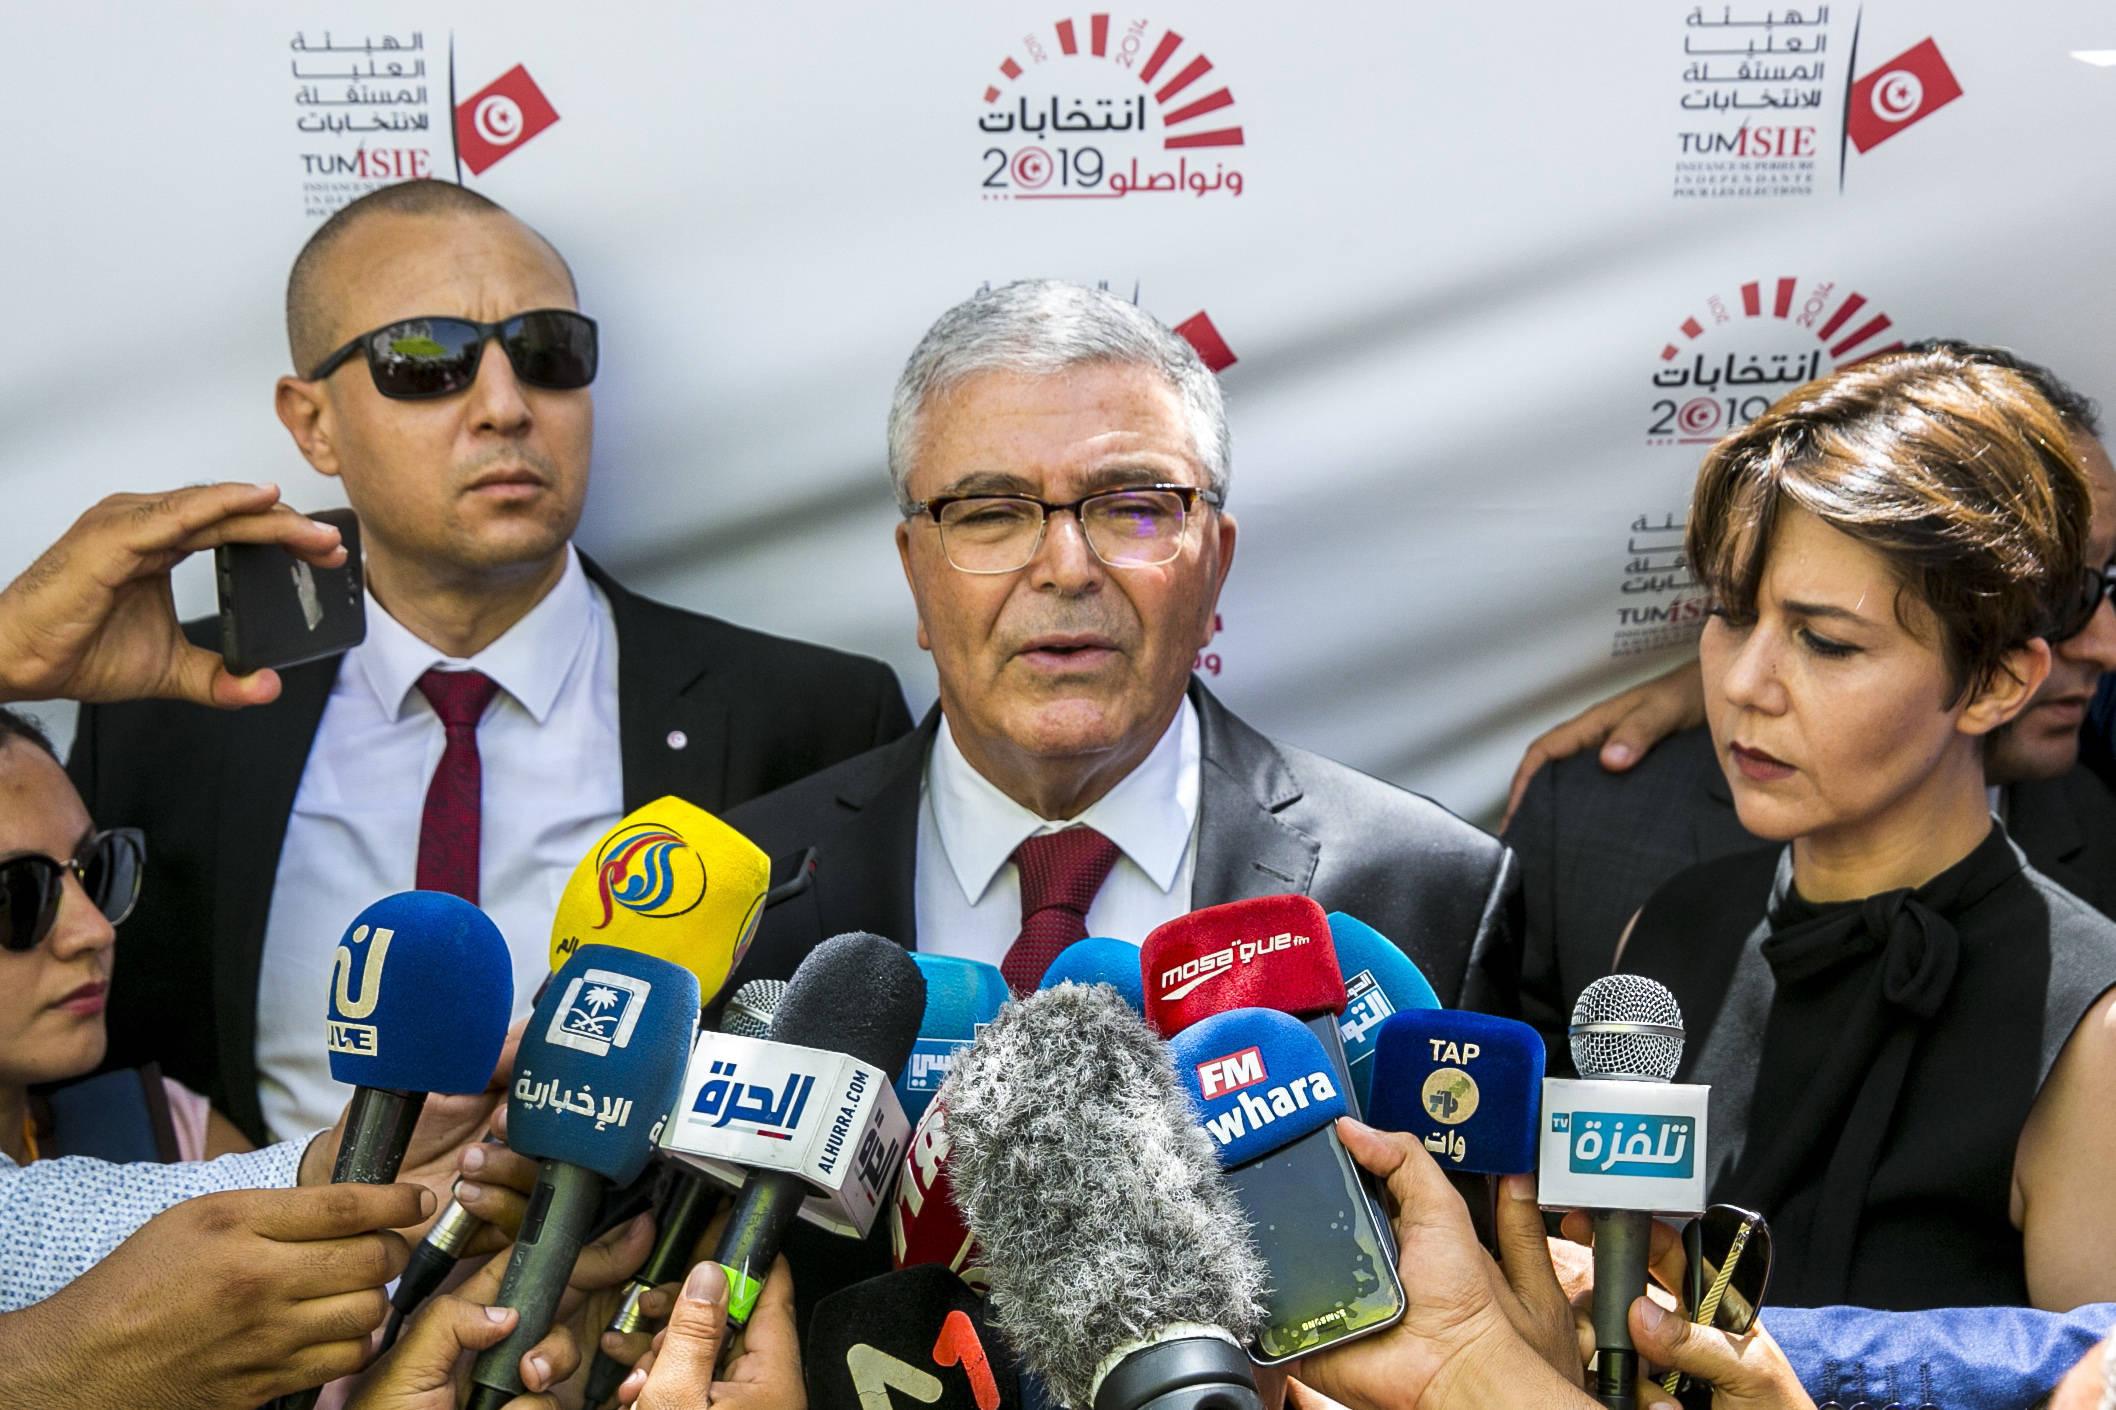 Abdelkrim Zbidi s'exprimant devant les caméras après avoir déposé sa candidature à l'élection présidentielle, mercredi 7 août 2019 à Tunis.